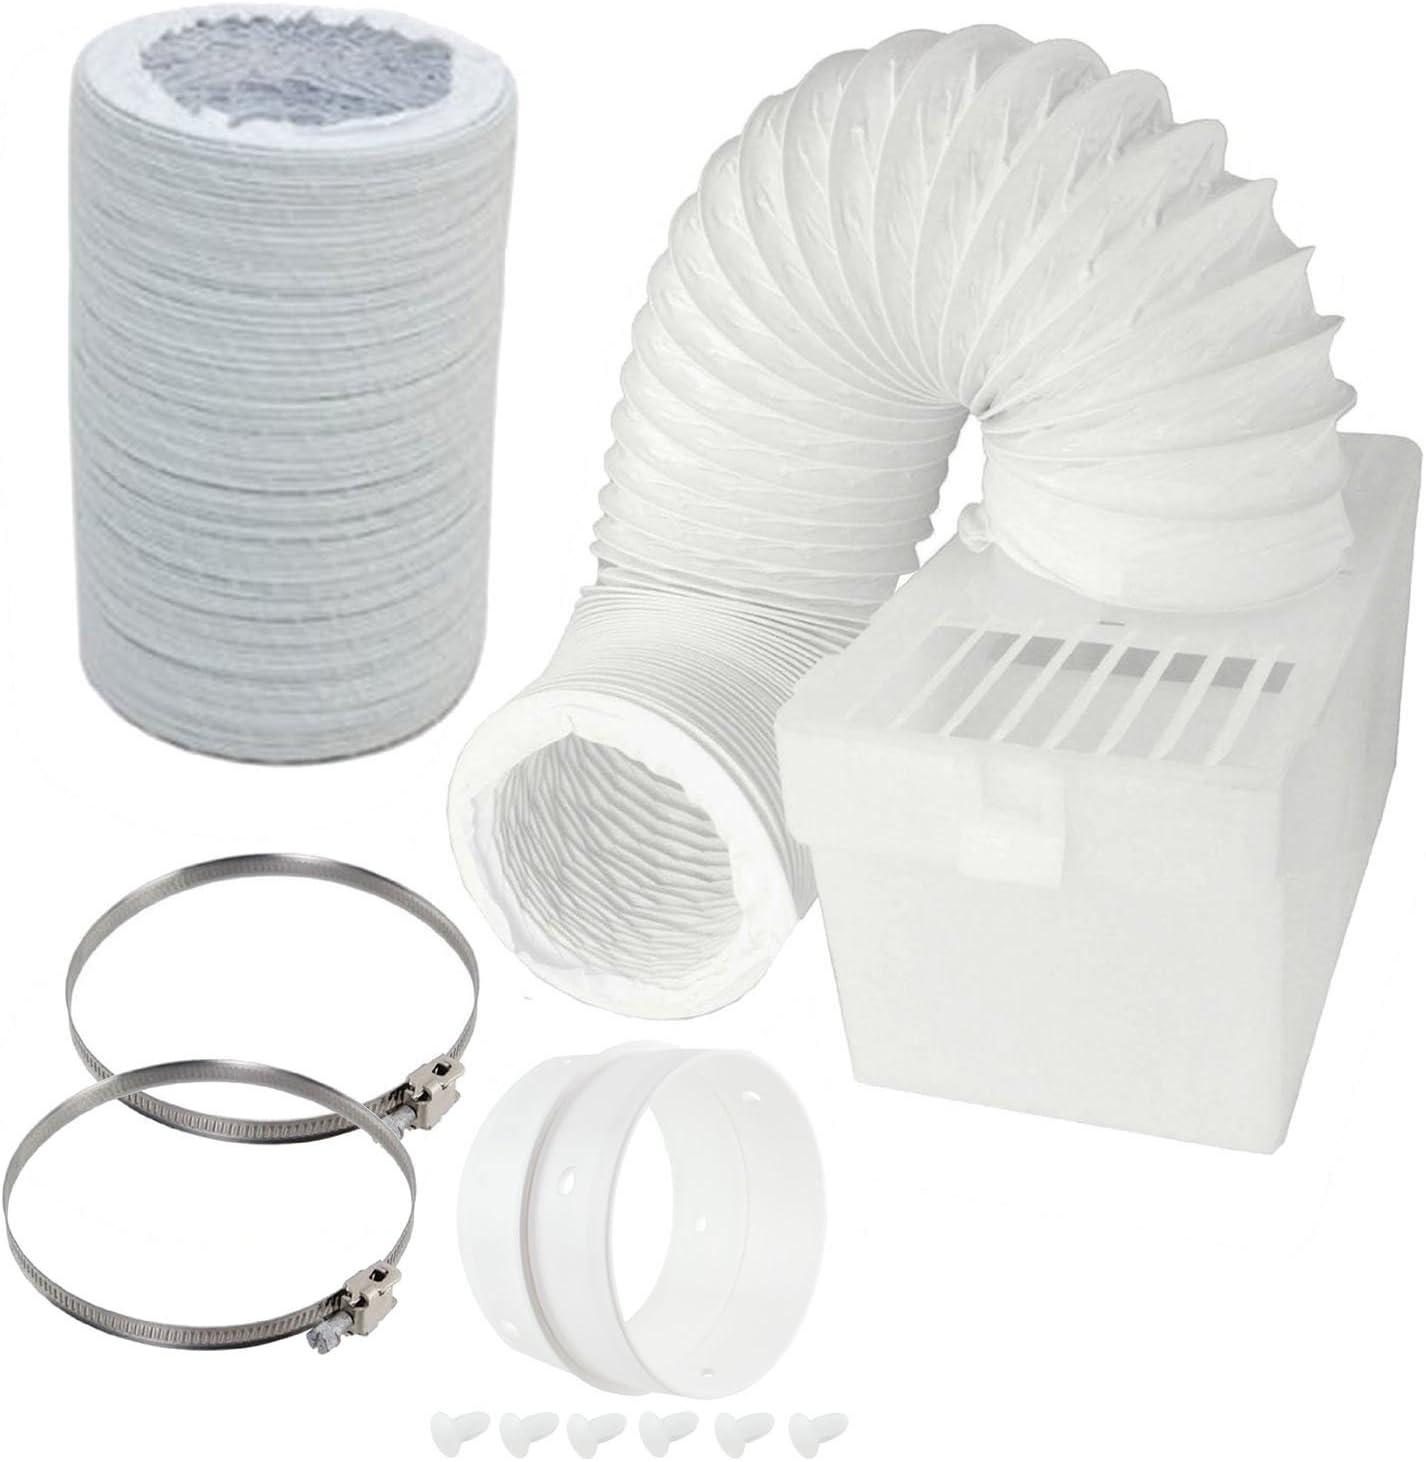 Spares2go condensador caja & Extra larga manguera Kit con conexión anillo para Bosch secadora (4